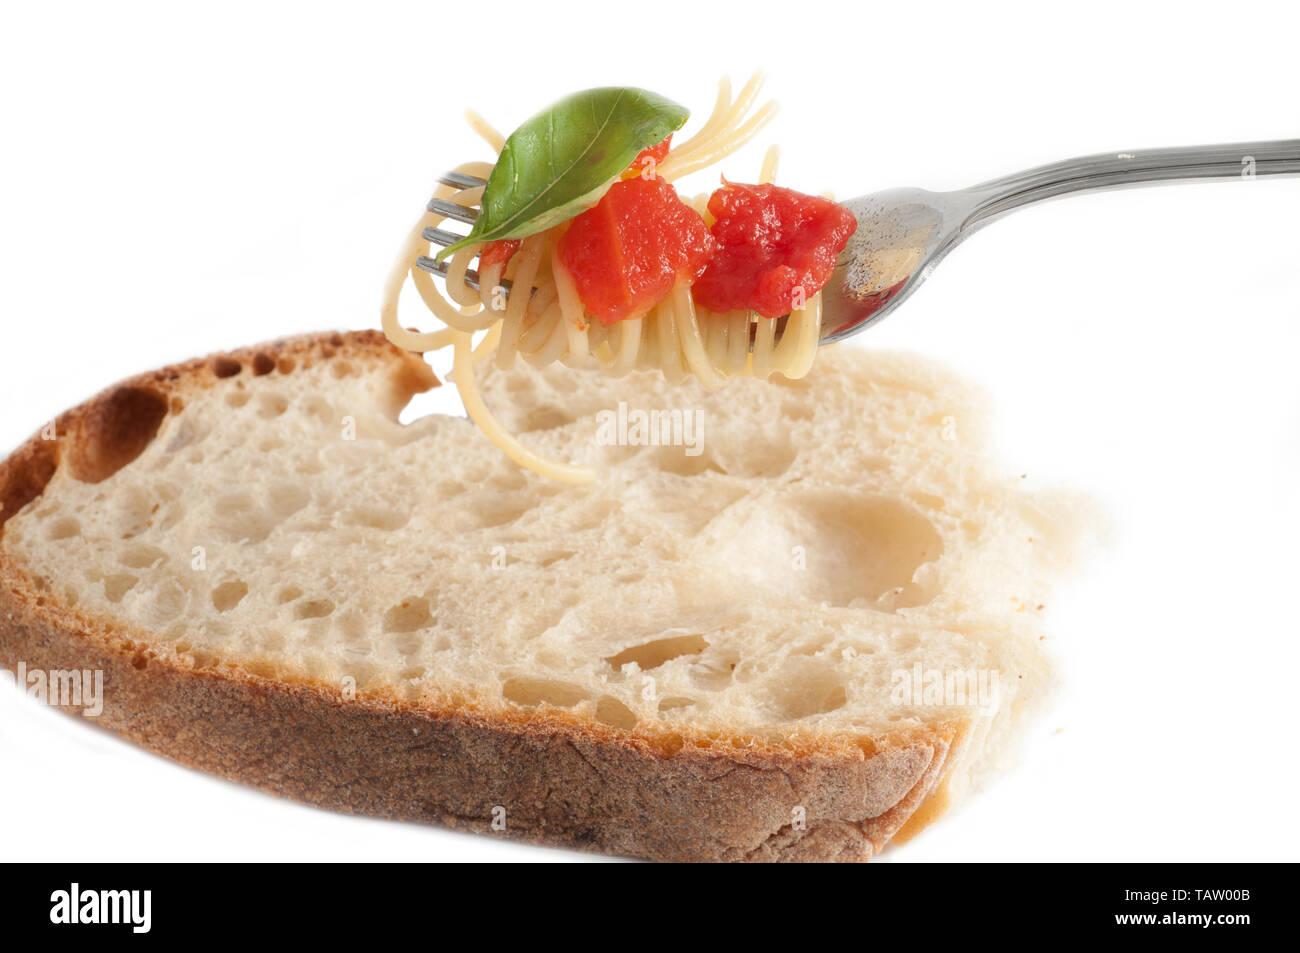 Spaghetti mit frischen Tomaten auf Gabel gerollt. Traditionelle italienische Küche Stockfoto